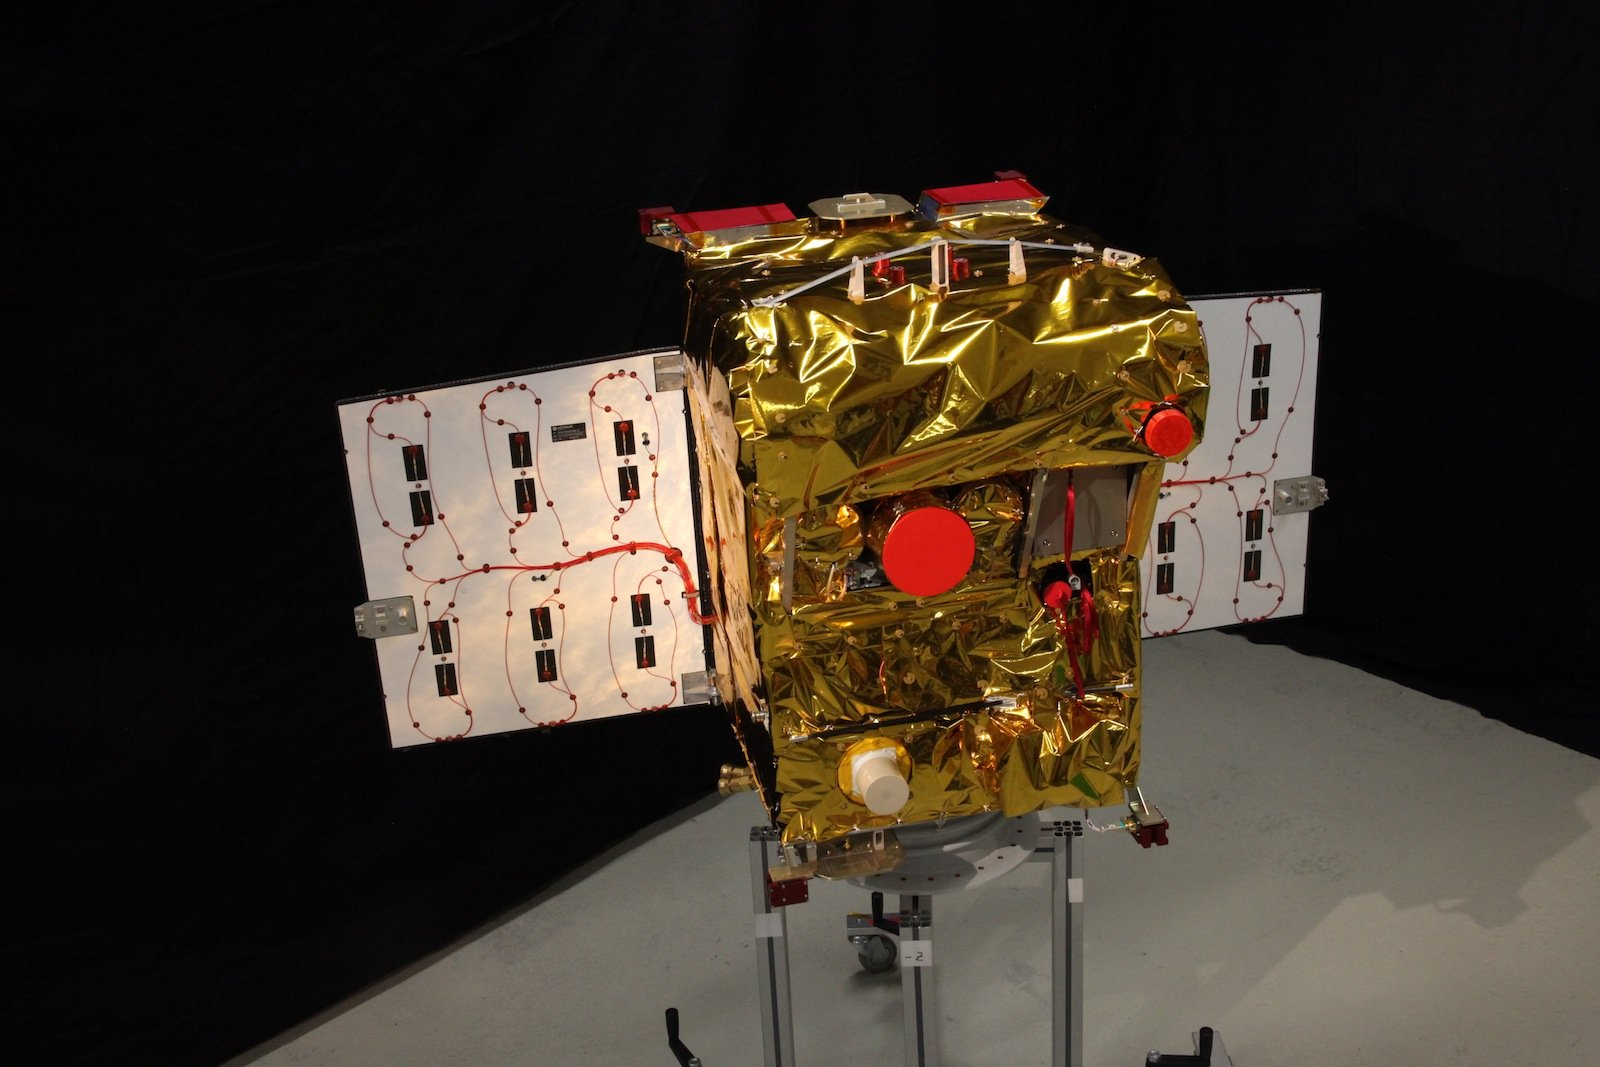 Der Kleinsatellit Biros hat ungefähr die Größe eines Kühlschranks und wiegt rund 130 kg. Er soll aus 500 km Höhe Ausschau nach Hochtemperaturereignissen auf der Erde halten.